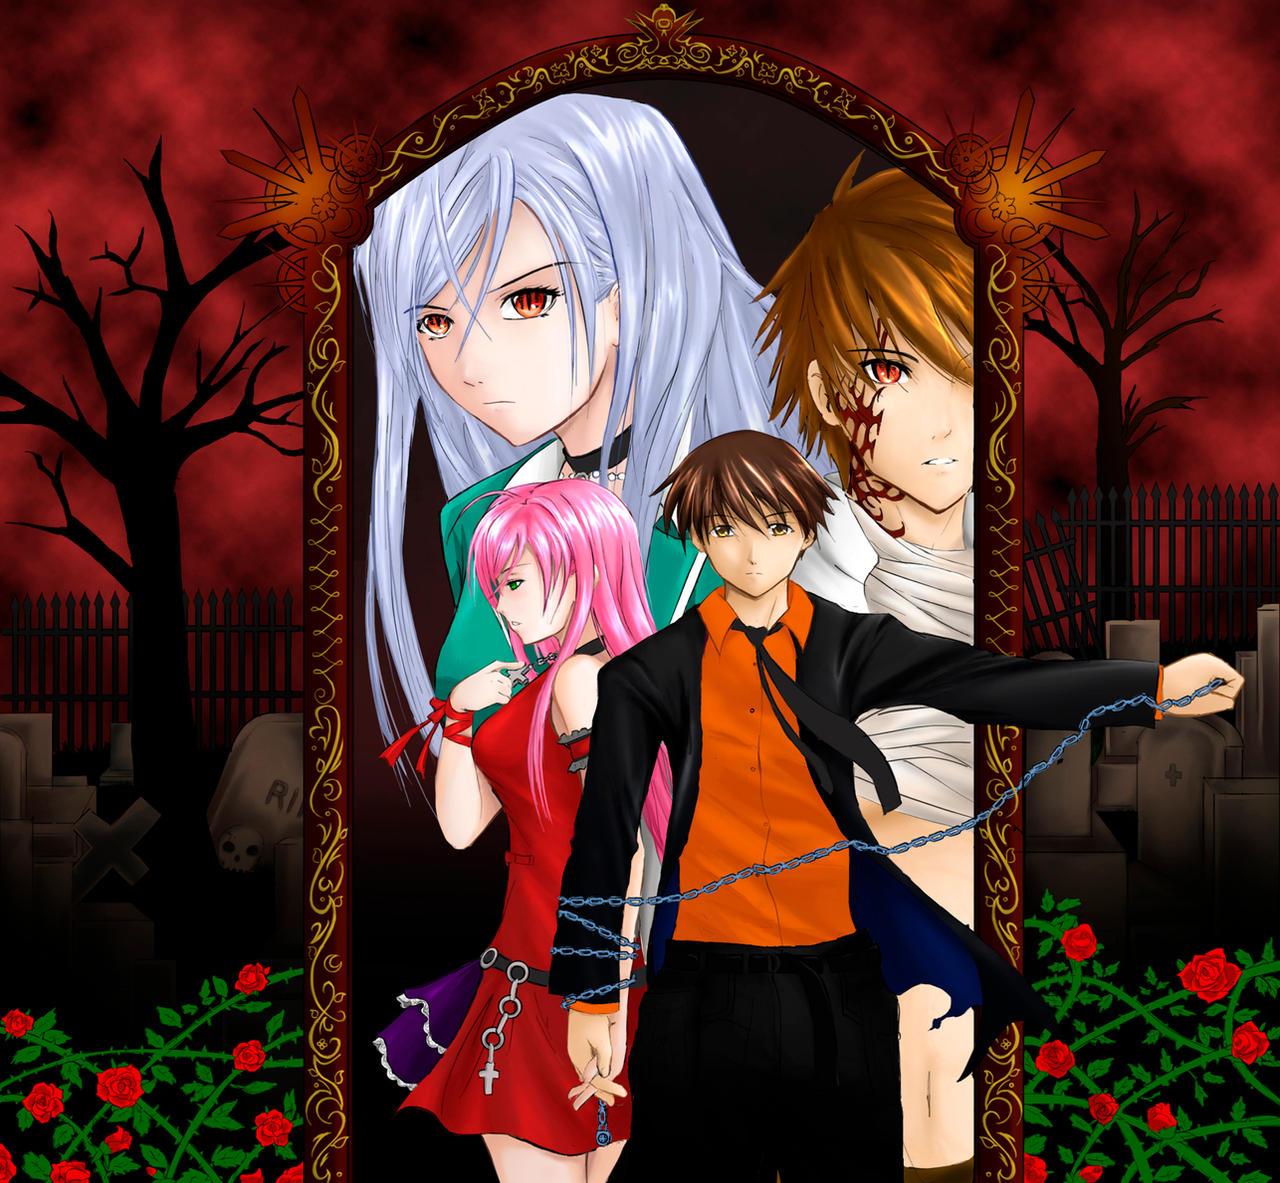 http://fc05.deviantart.com/fs41/i/2009/017/2/d/rosario___vampire_fanart_by_killaflip.jpg